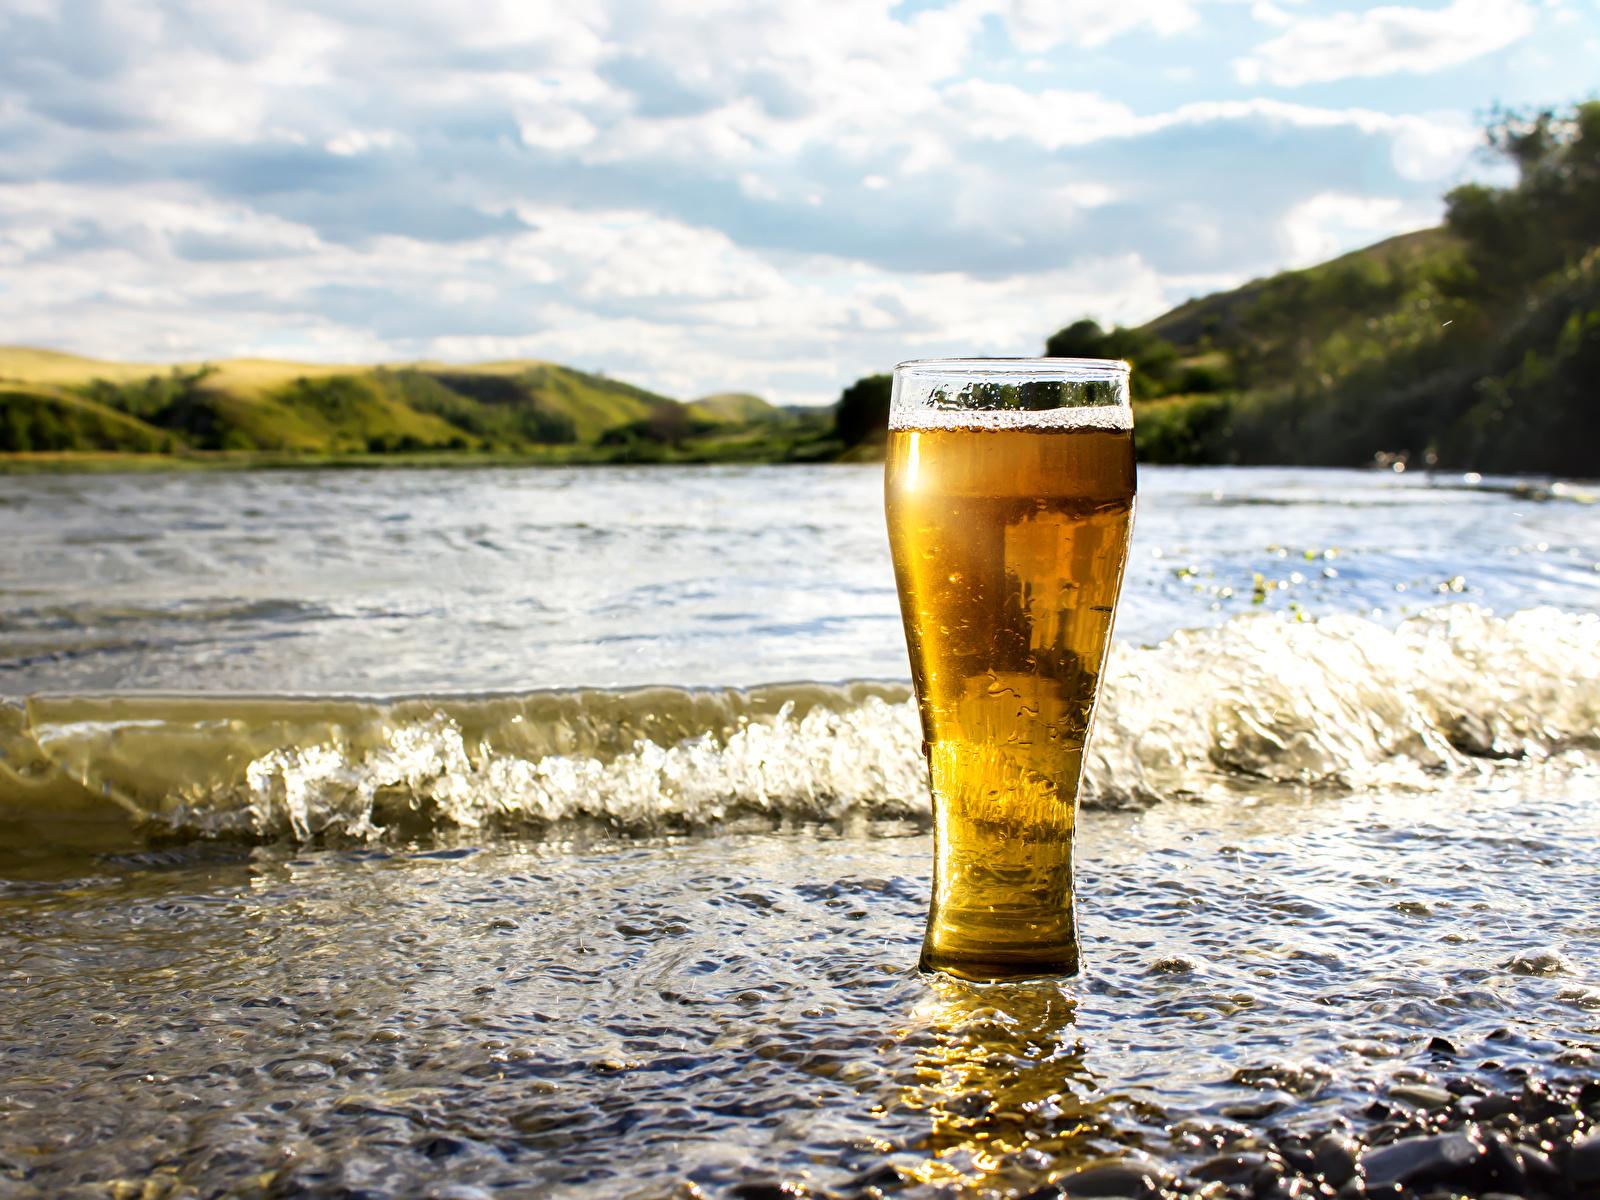 Картинки Пиво Волны стакана Побережье Продукты питания 1600x1200 Стакан стакане Еда Пища берег